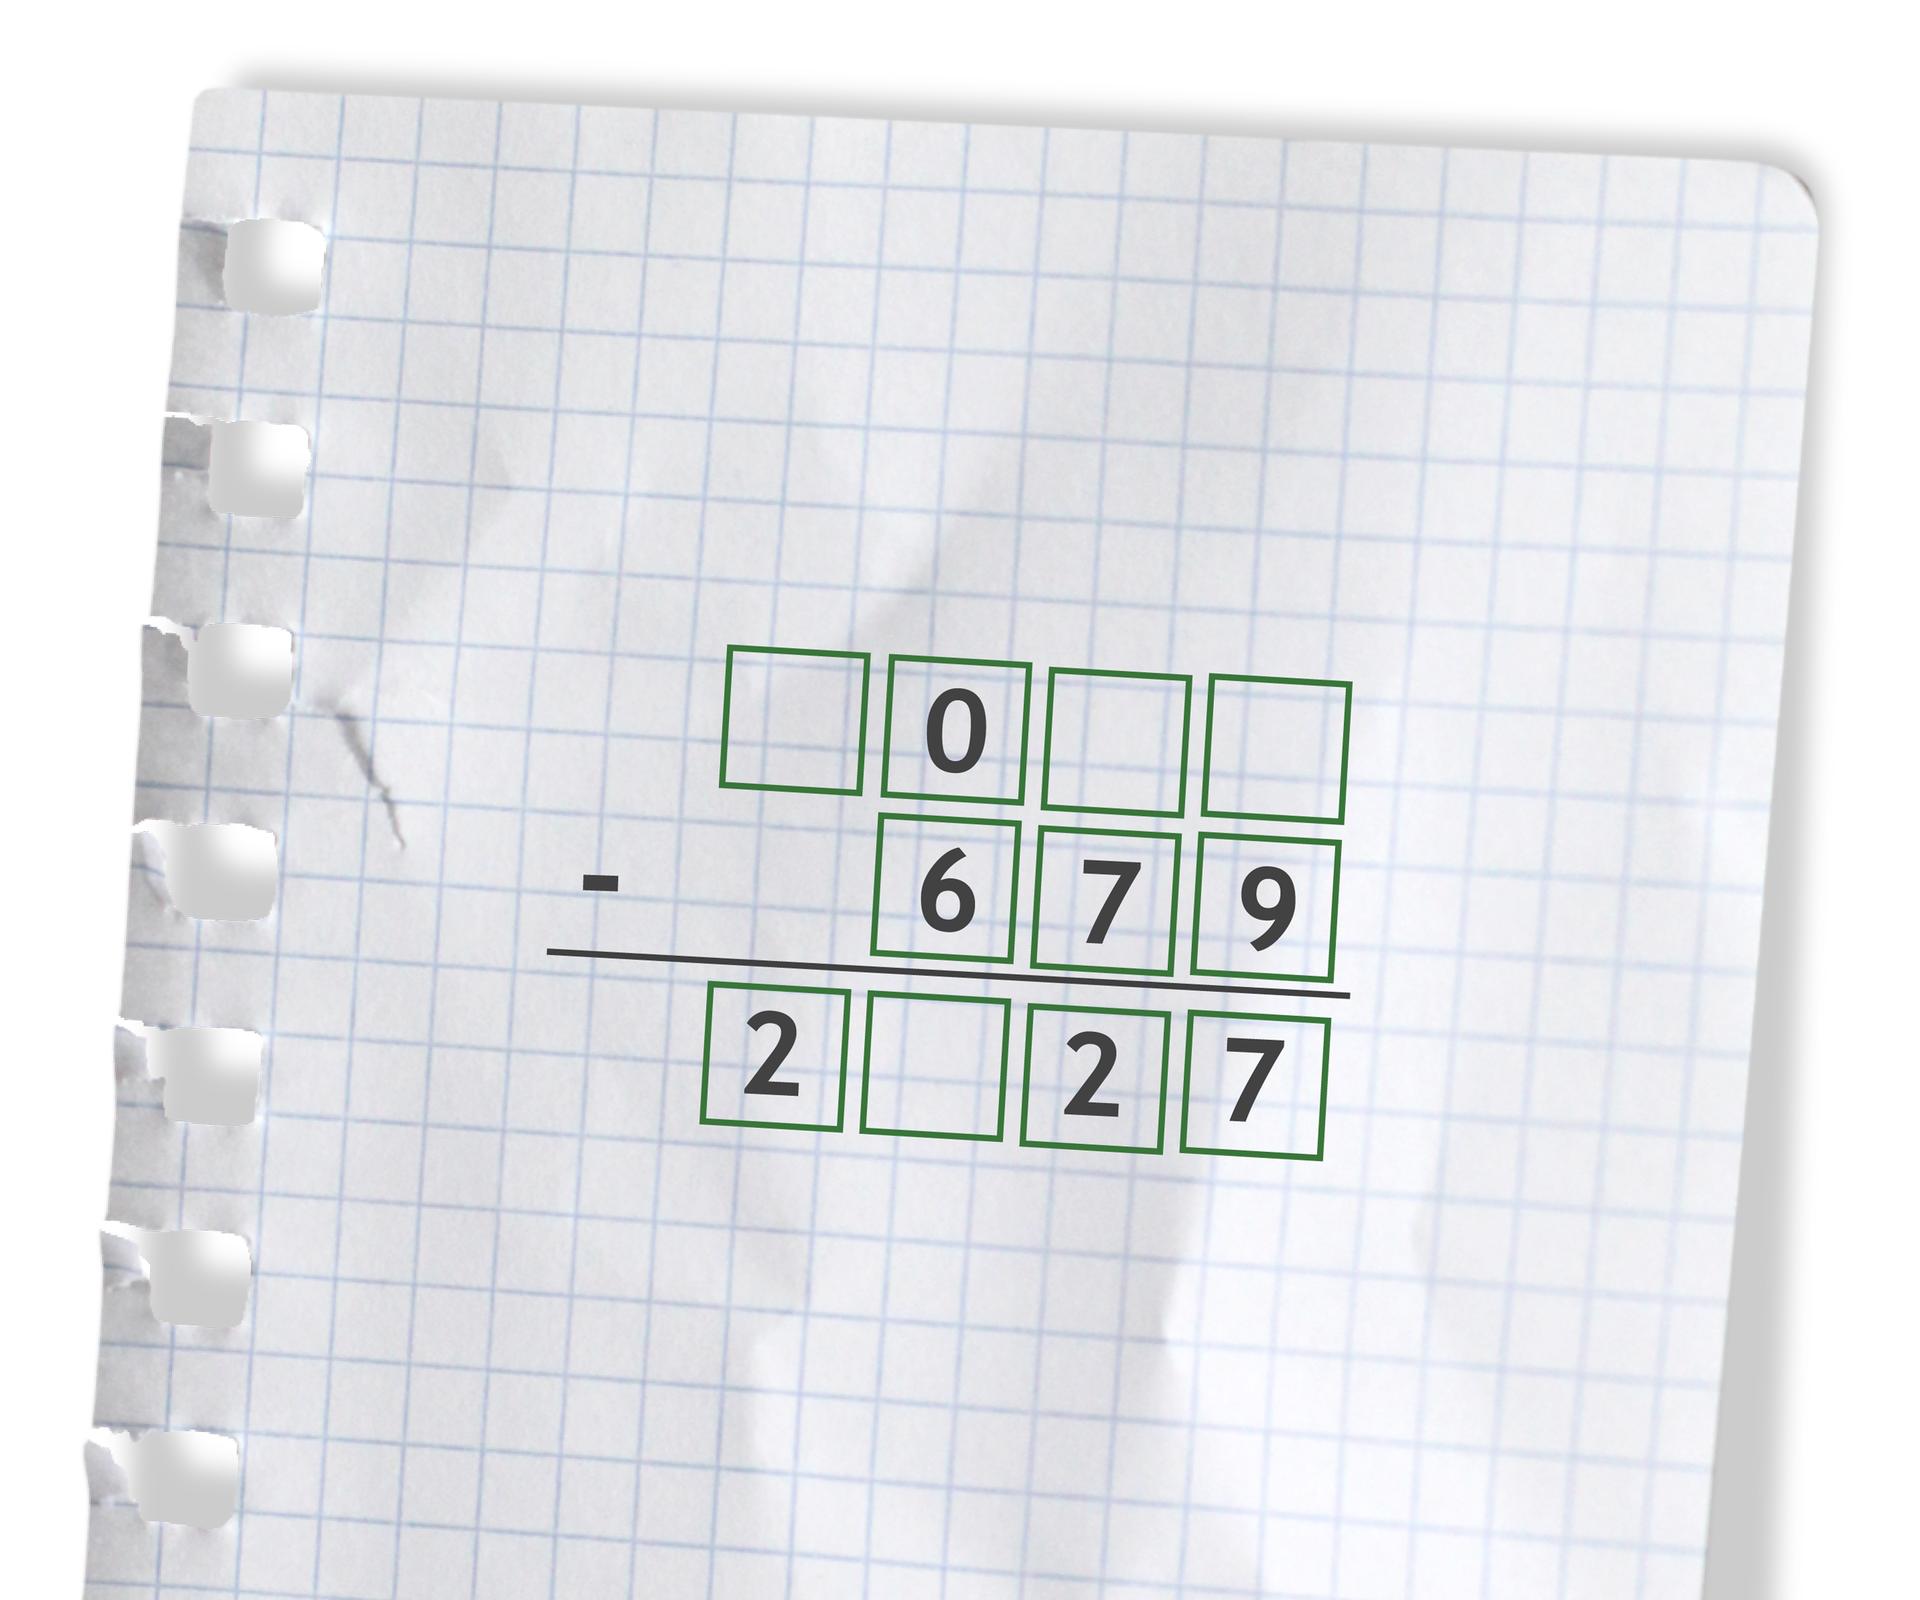 Przykład - puste miejsca do uzupełnienia cyframi: puste 0 puste puste odjąć 679 =2 puste 27.